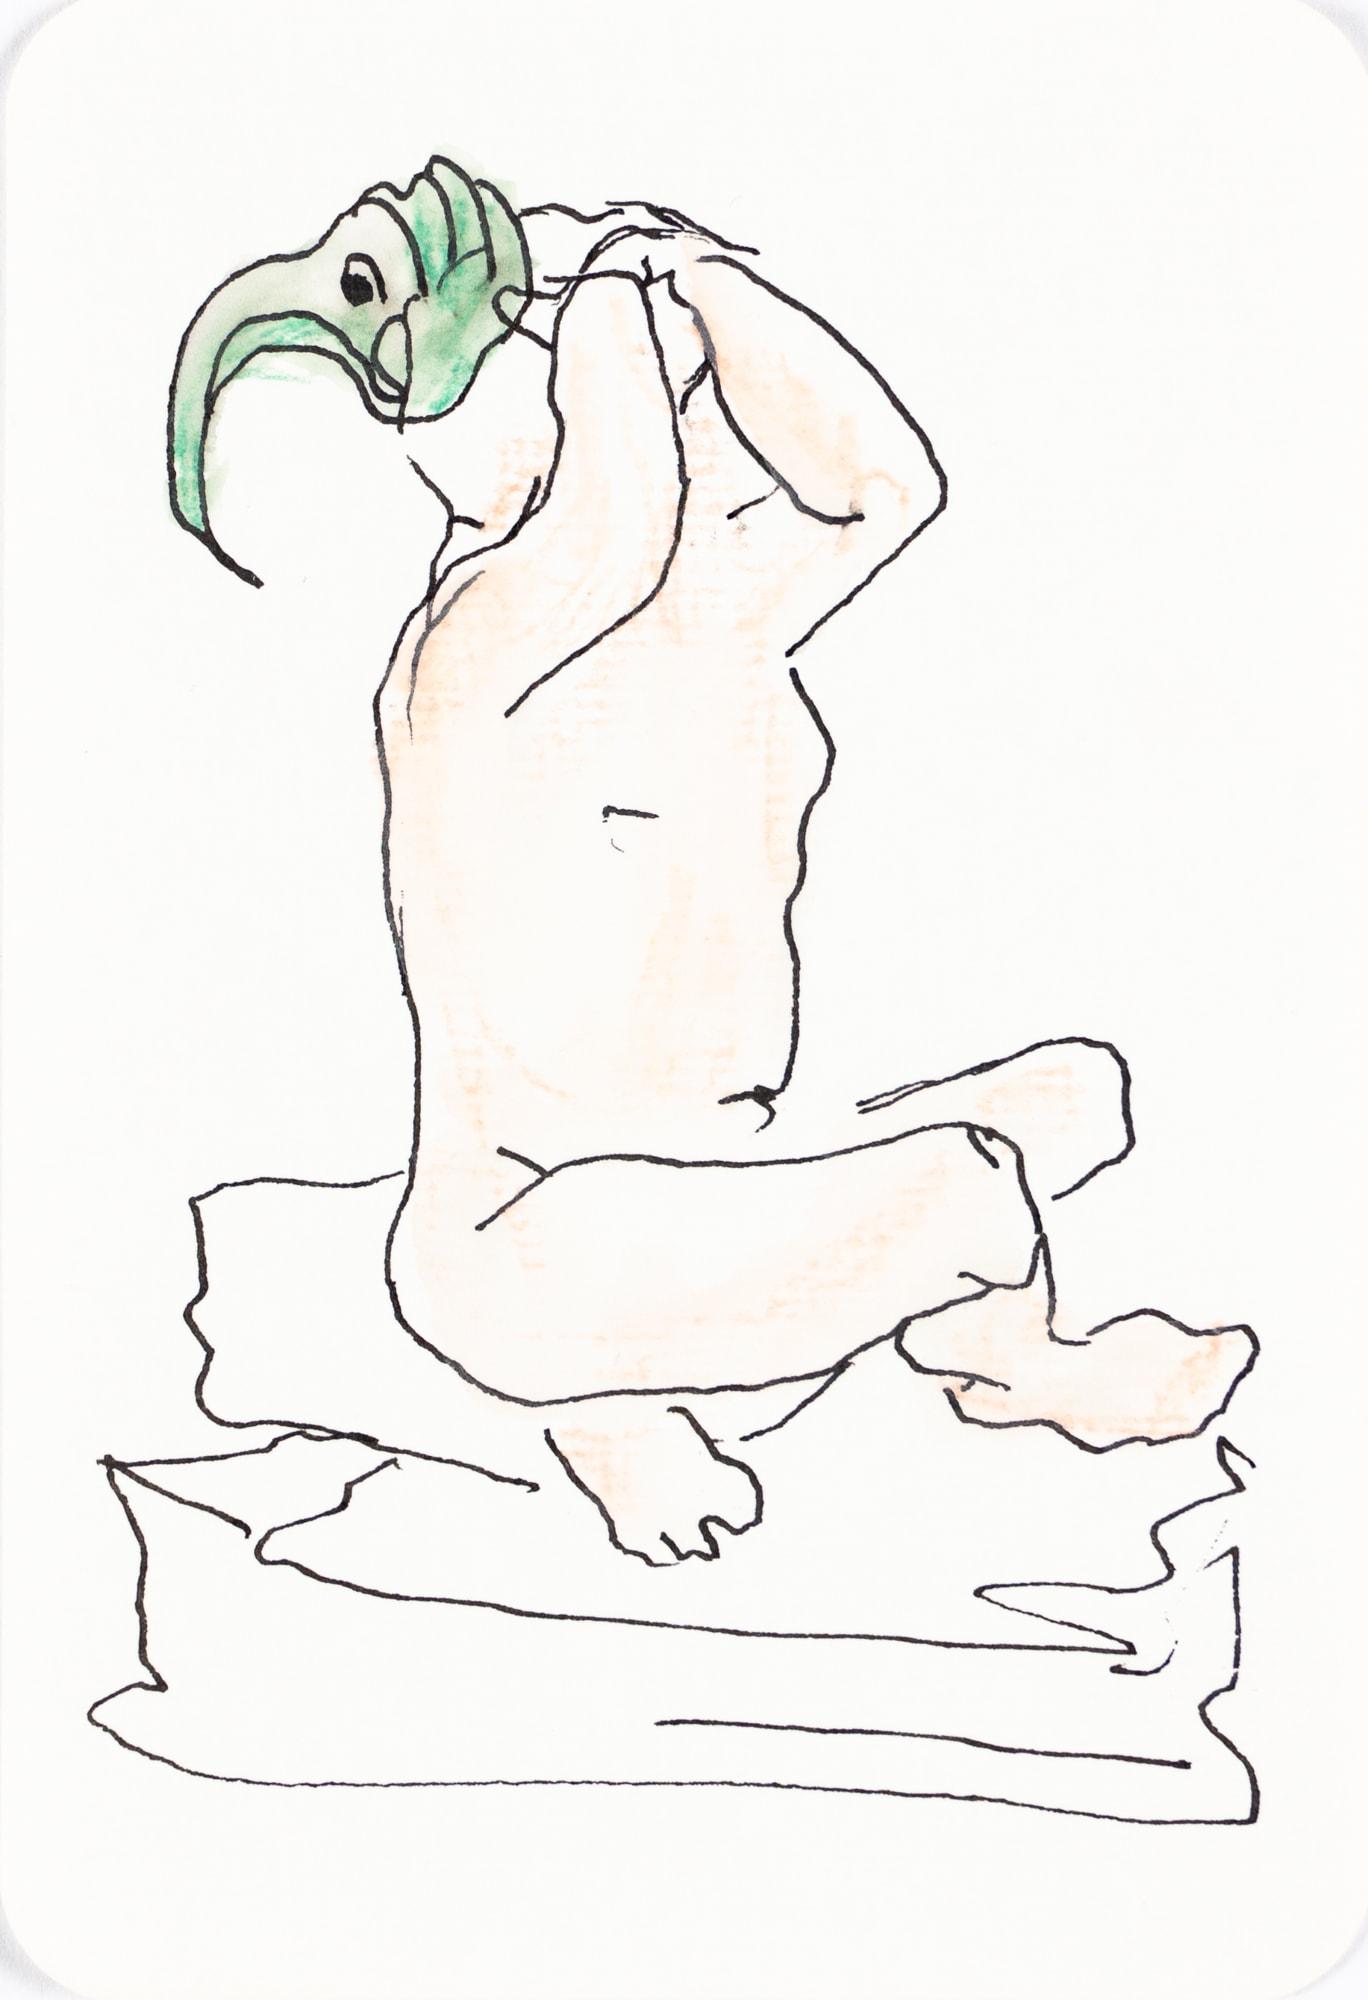 Zeichnung, Aquarell, Farbstift und Tusche auf Postkarte, 10,4x15,3cm, Akt, Künstlerin: Franziska King